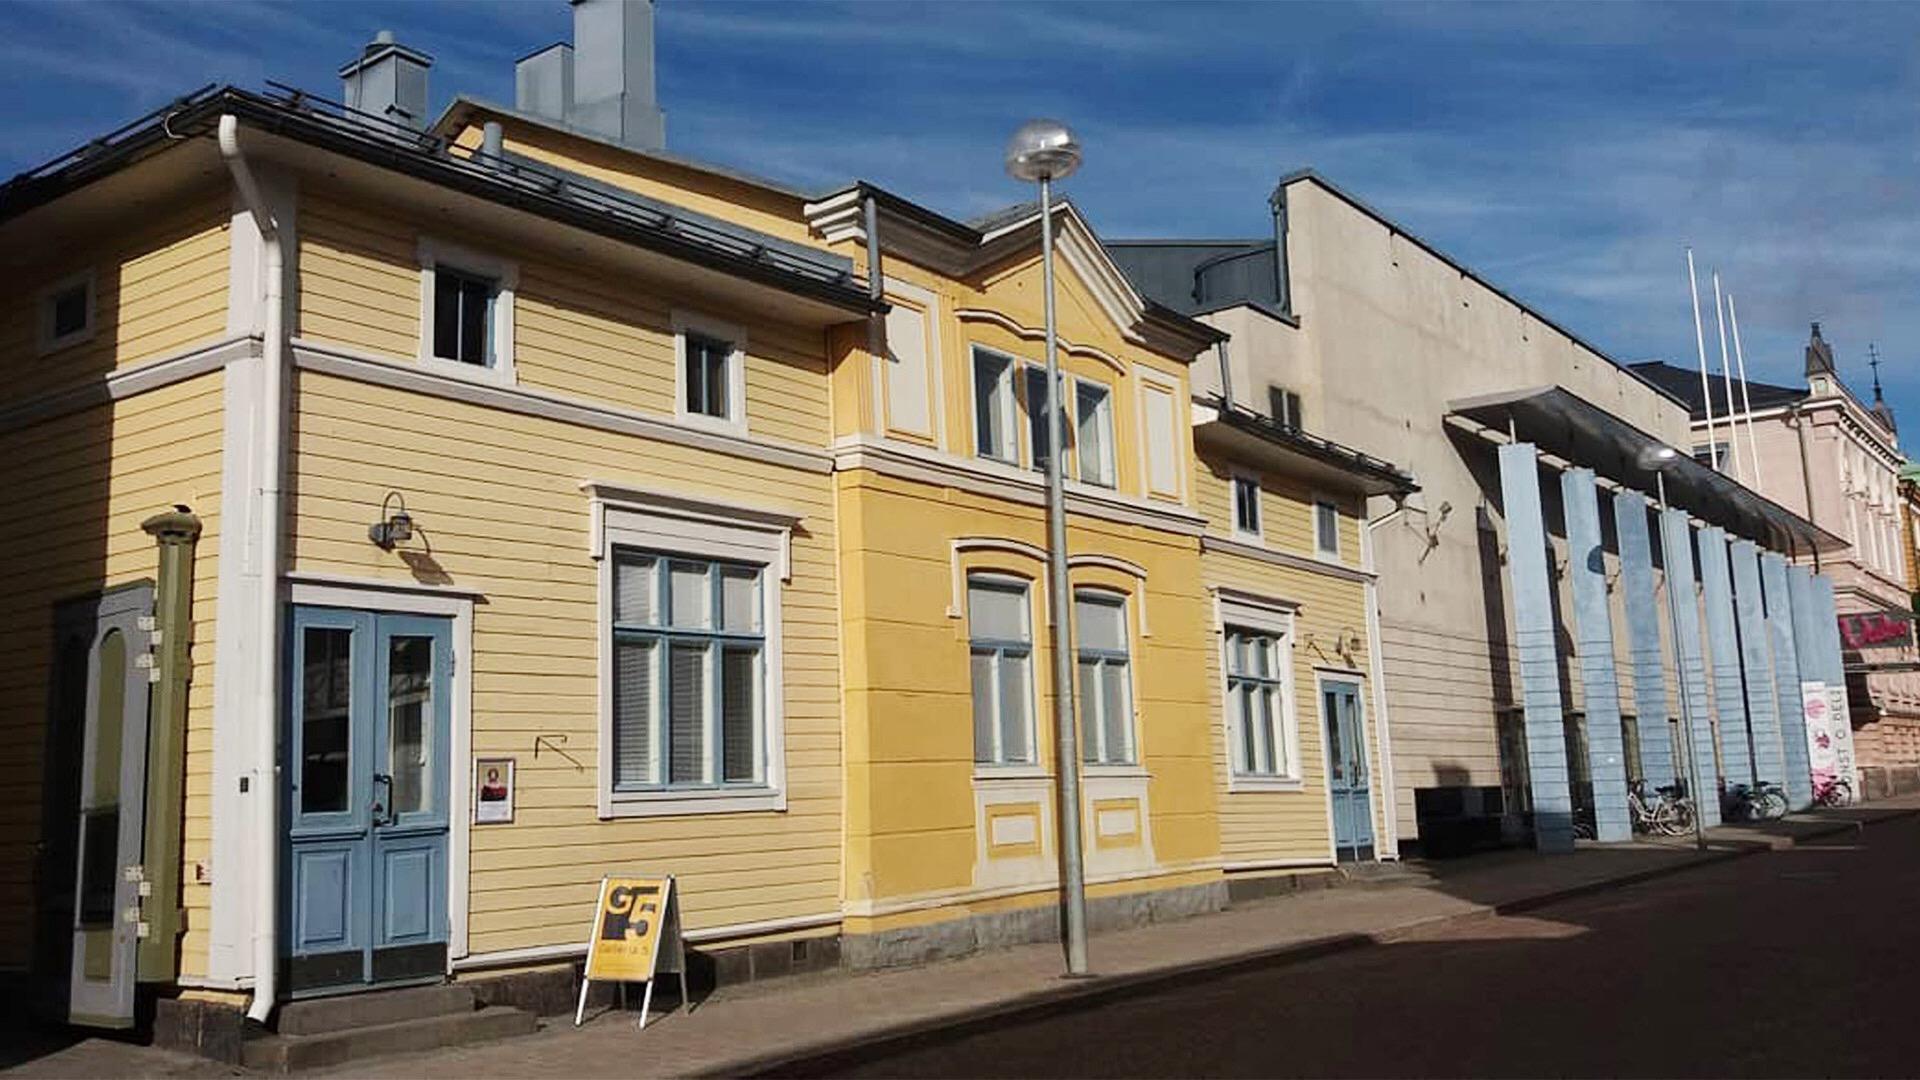 Kaikki Oulun Taiteilijaseuran näyttelytilat, taidelainaamo ja toimisto sijaitsevat samassa osoitteessa Oulun keskustassa, kulttuuritalo Valveen kupeessa. Kuva: Satu Alajoki